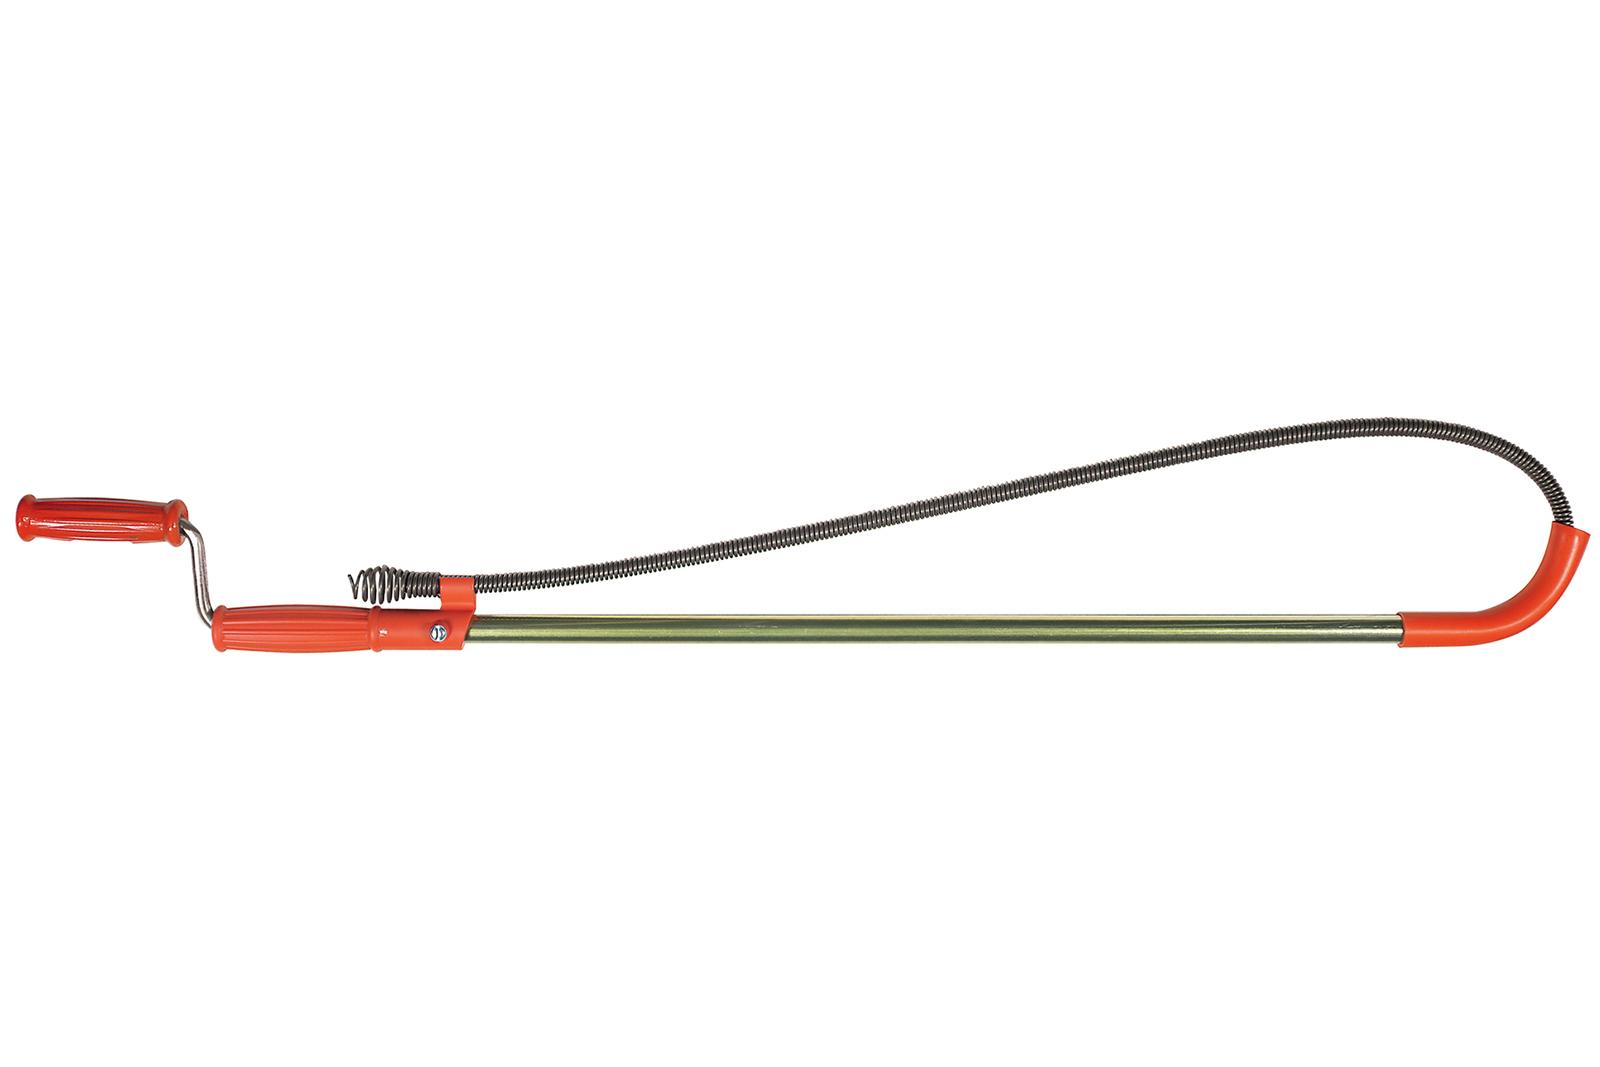 Трос для прочистки General pipe 3mfl